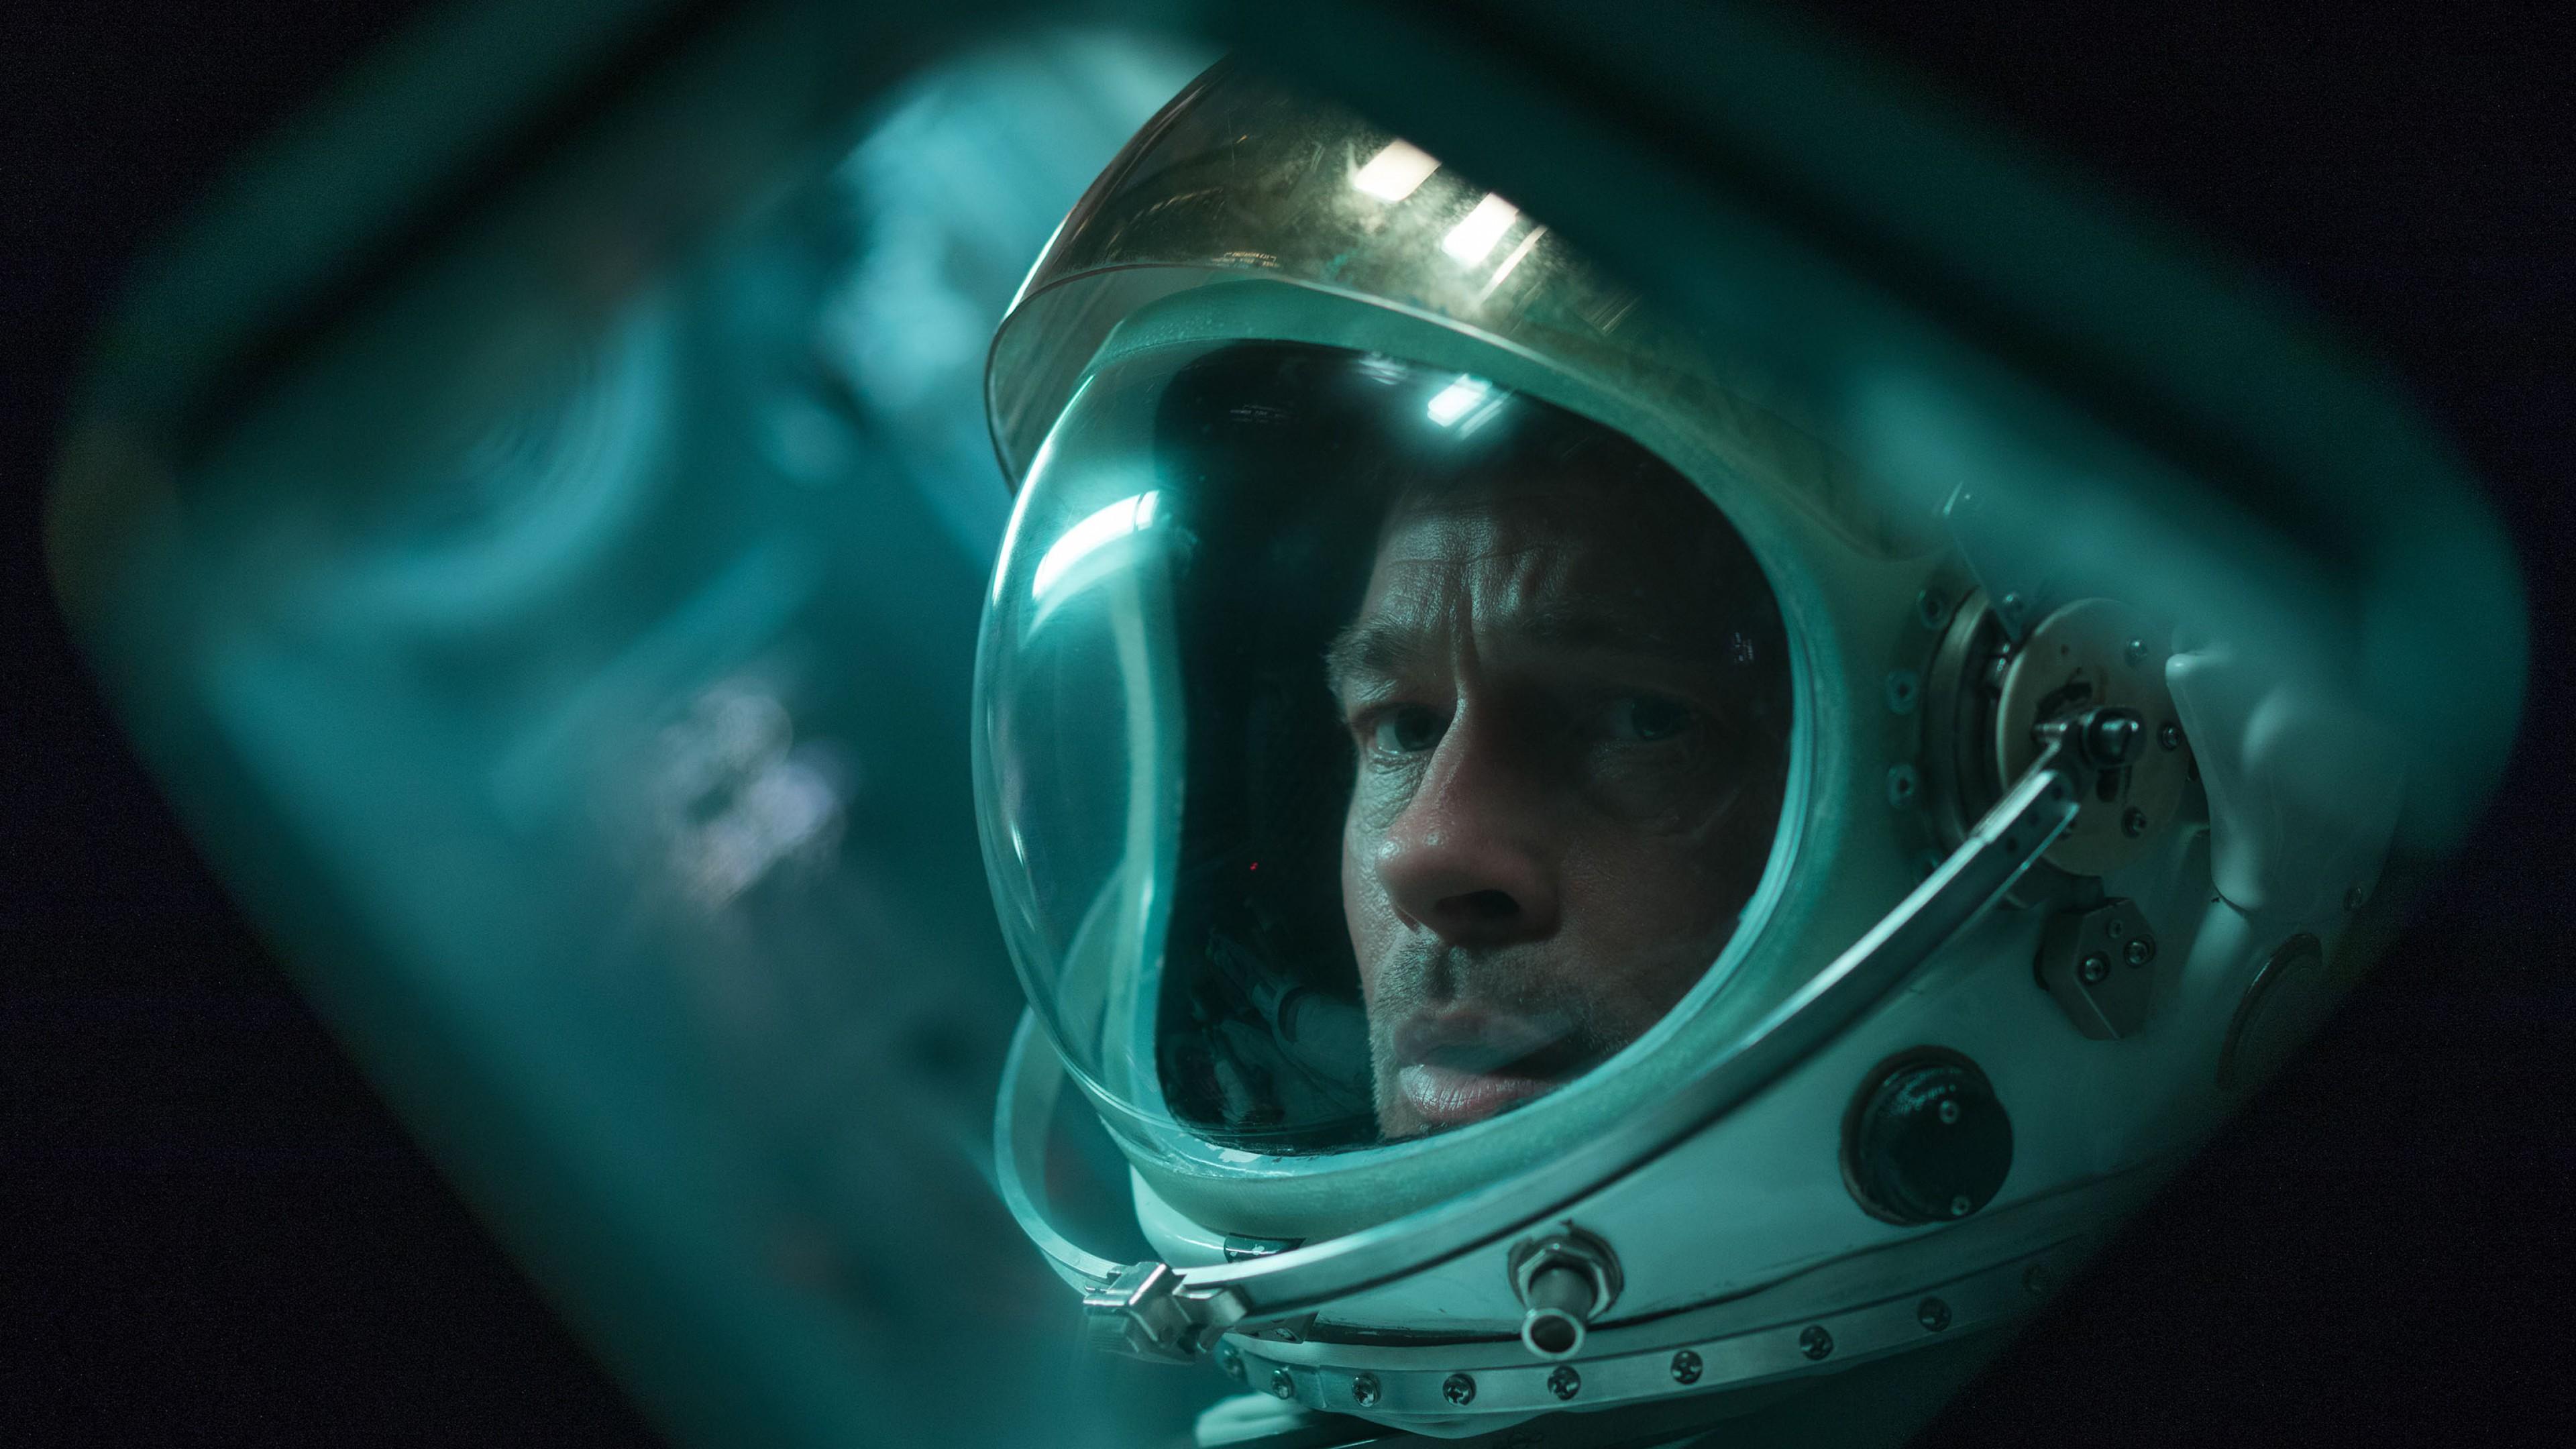 Fondos de pantalla Brad Pitt en Ad astra: Hacia las estrellas